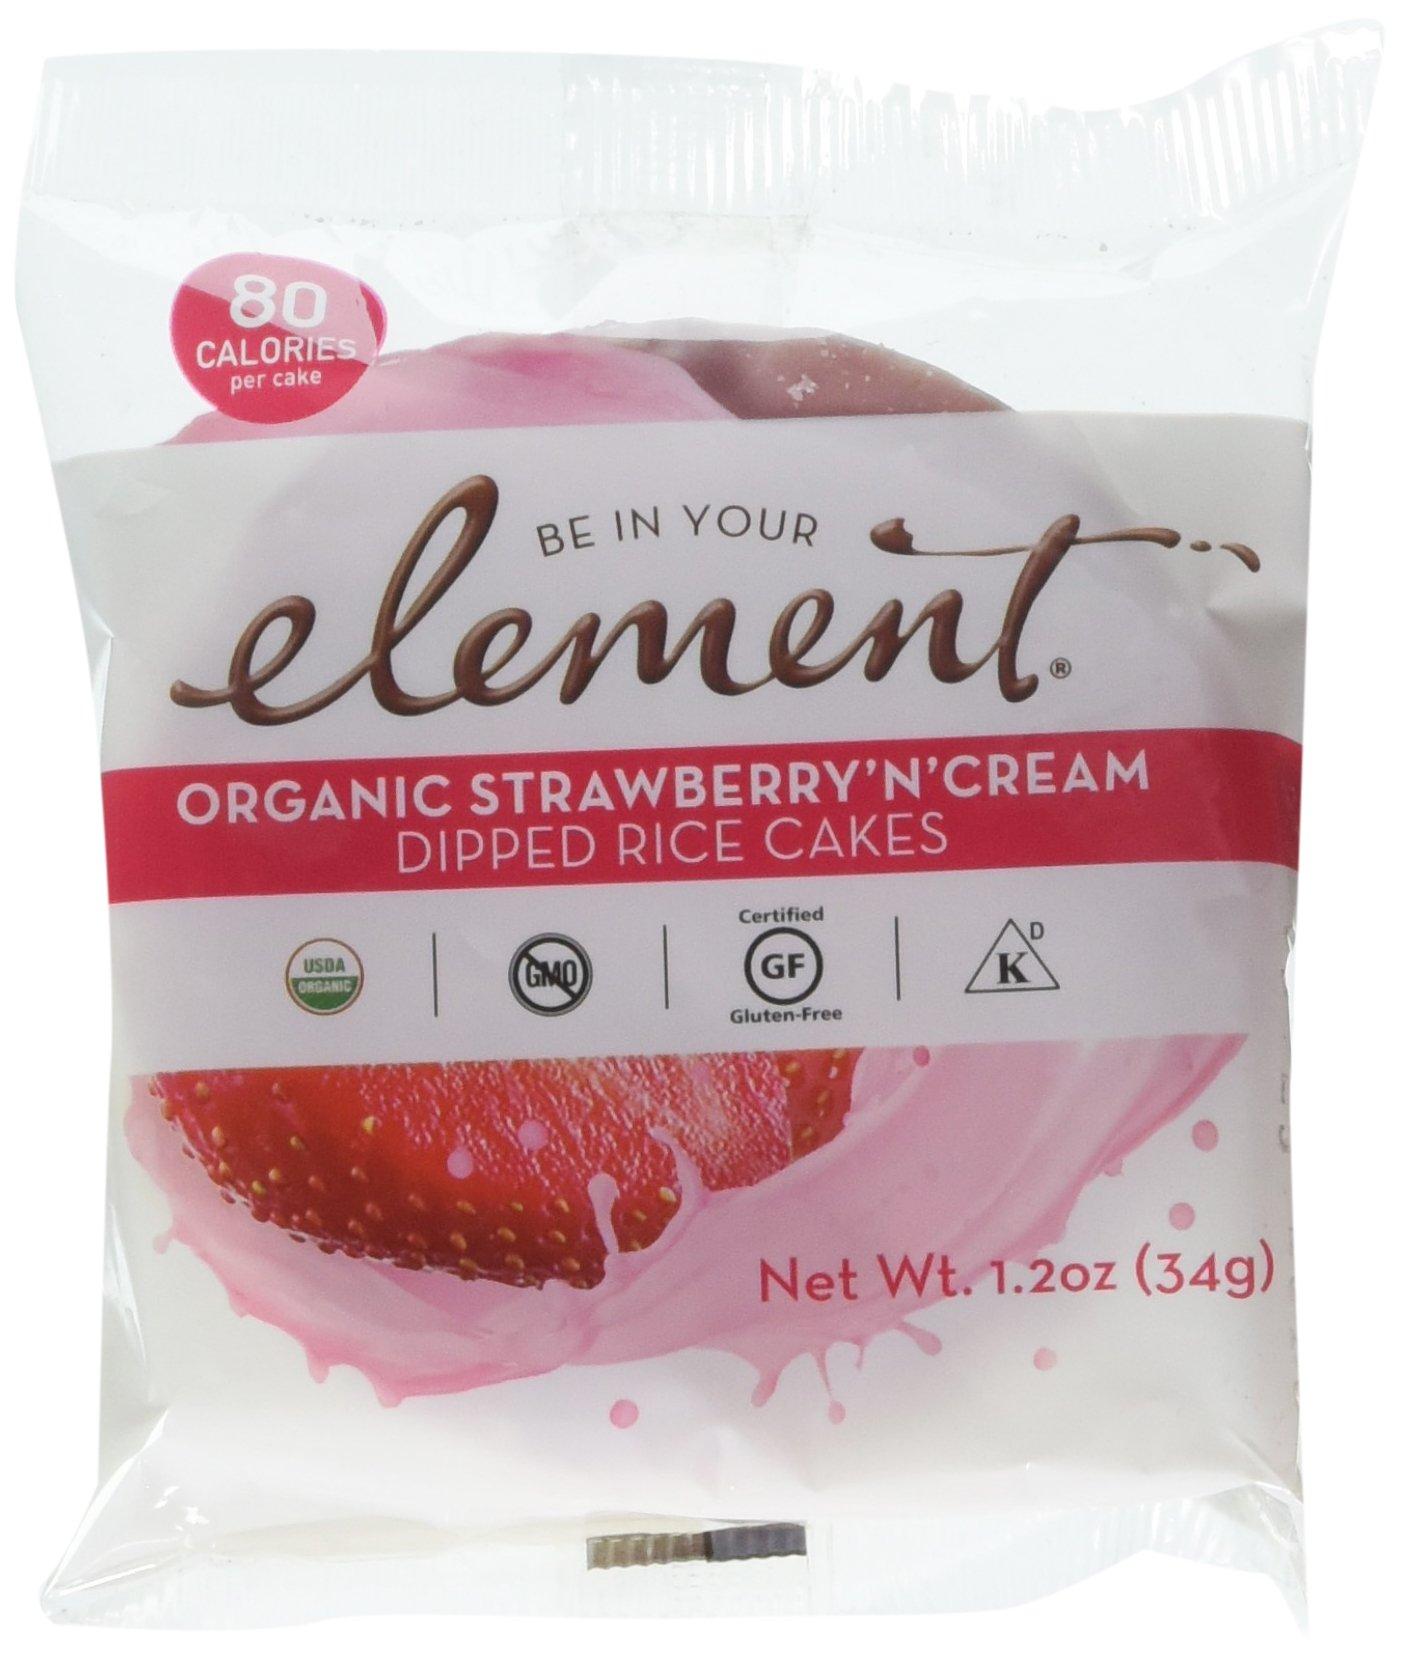 ELEMENT, Rice Cake, Og2, Stwby, Creme, Pack of 8, Size 1.2 OZ, (Low Carb Gluten Free Kosher Low Sodium Vegan Wheat Free Yeast Free 95%+ Organic)